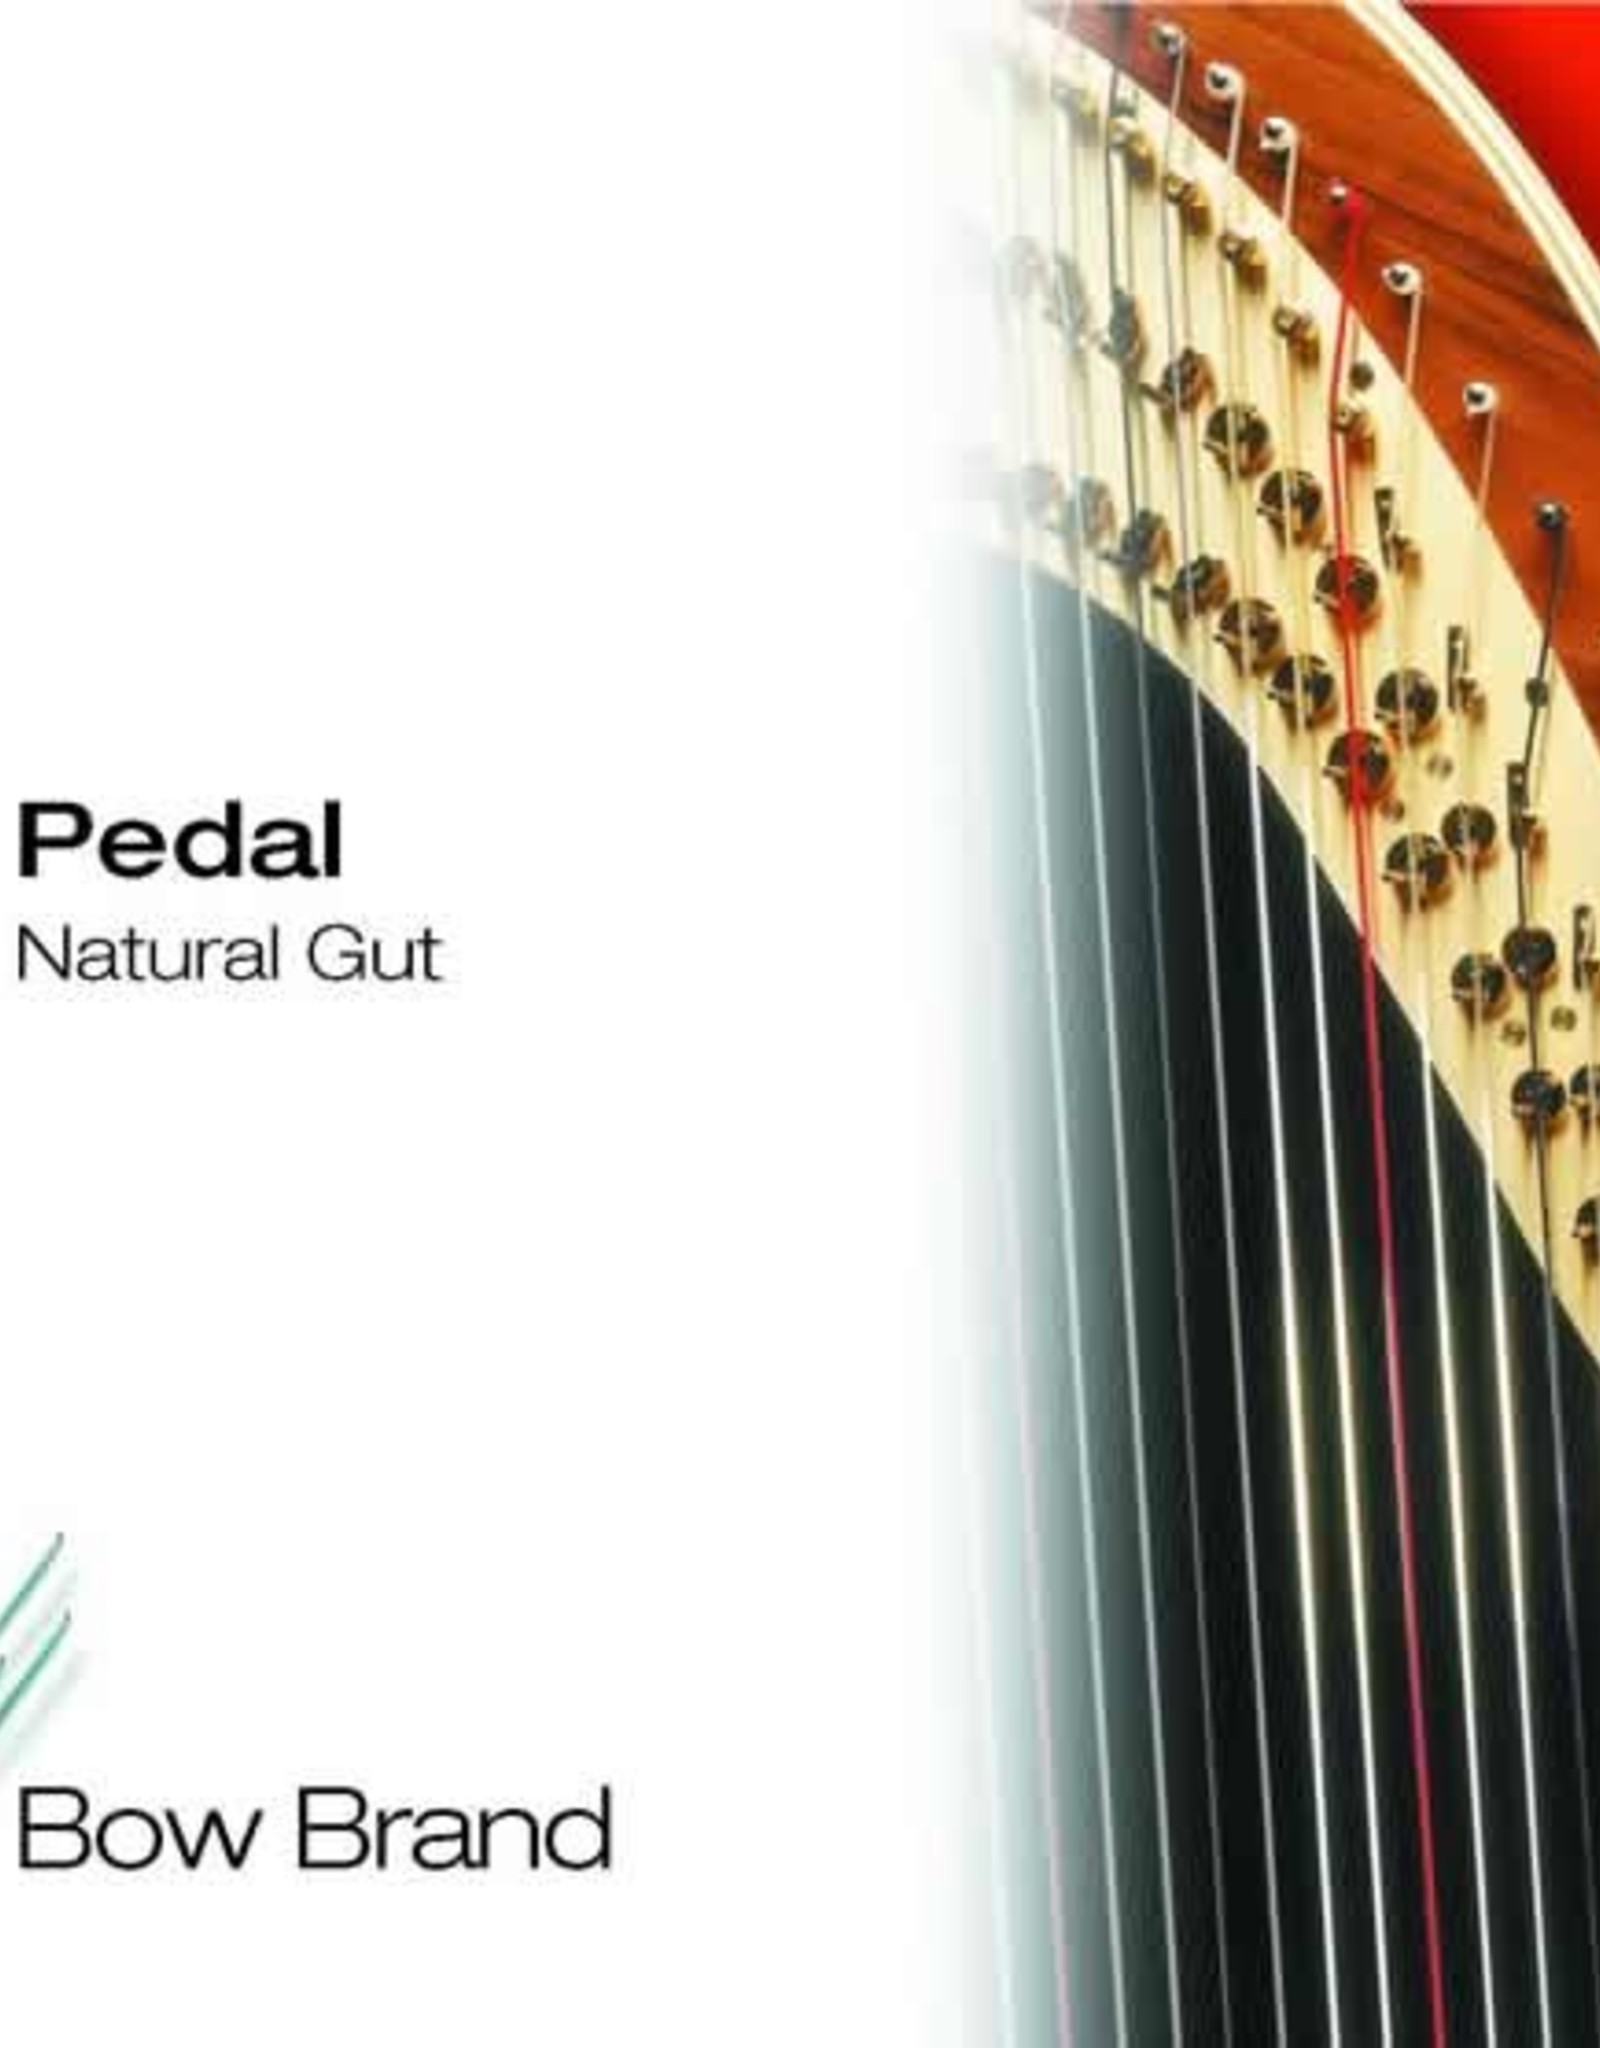 BOW BRAND  pedaal darm - pedal STD GUT 26/4 la